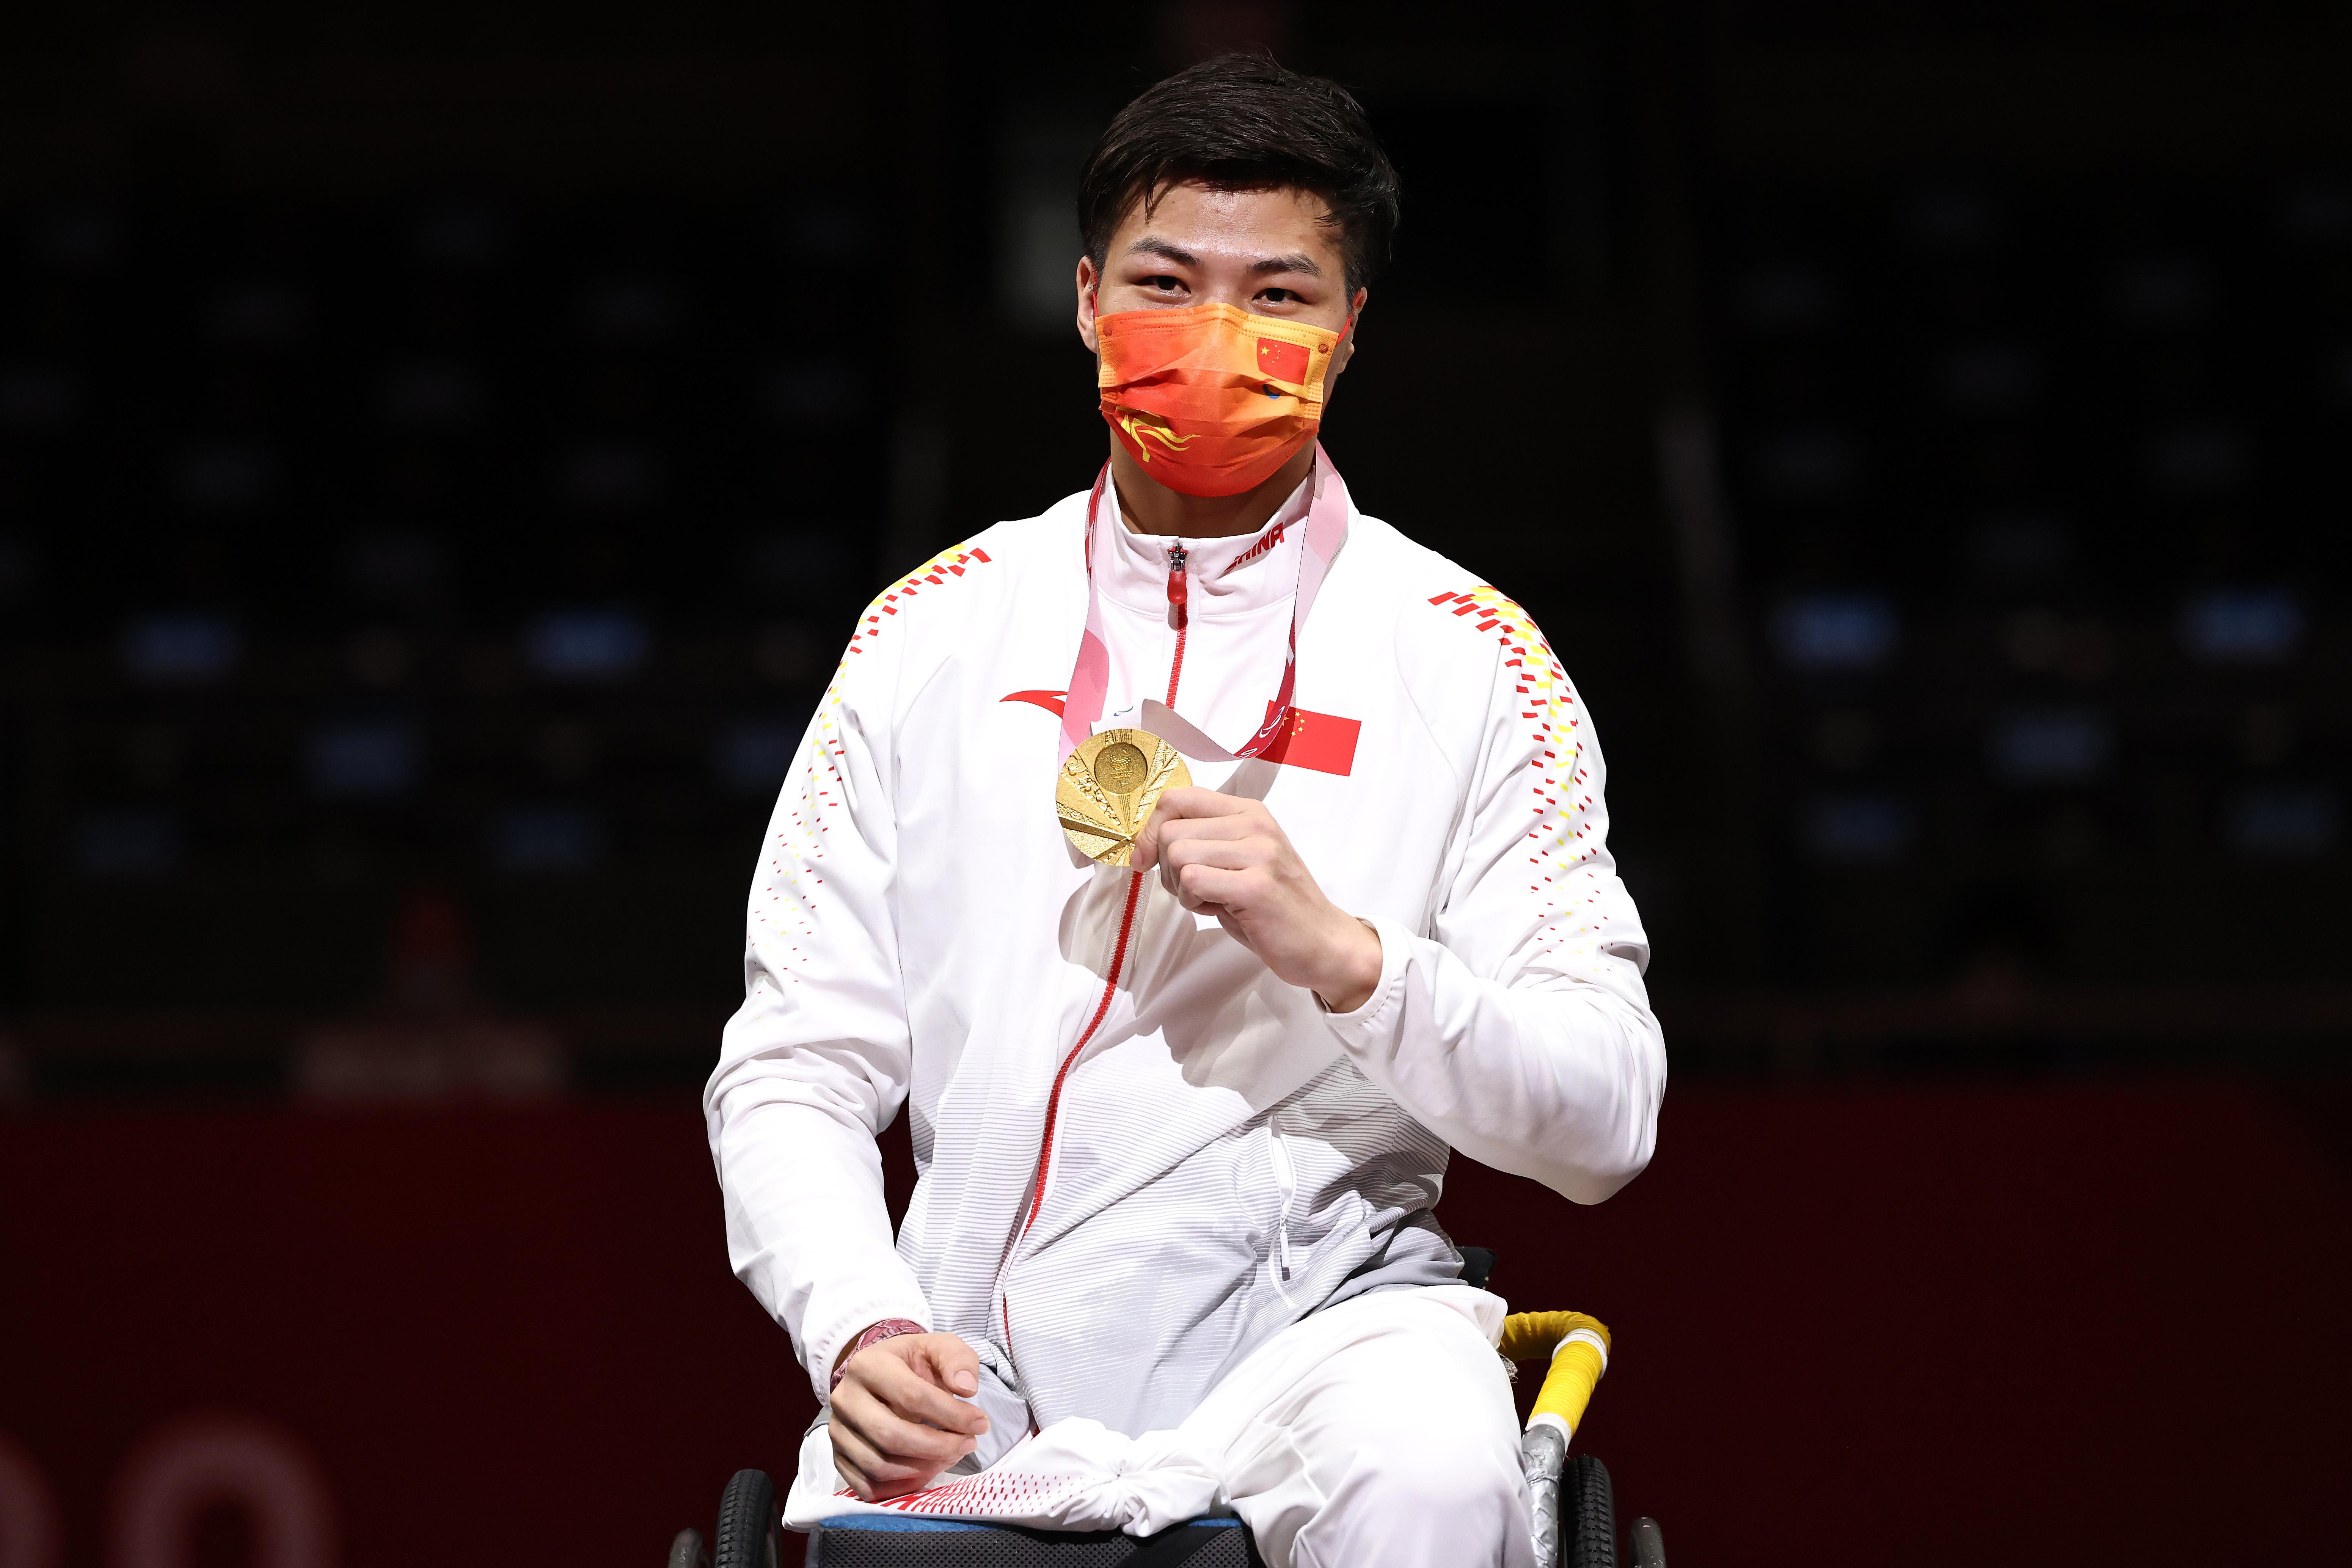 东京残奥会中国代表团首金获得者李豪。